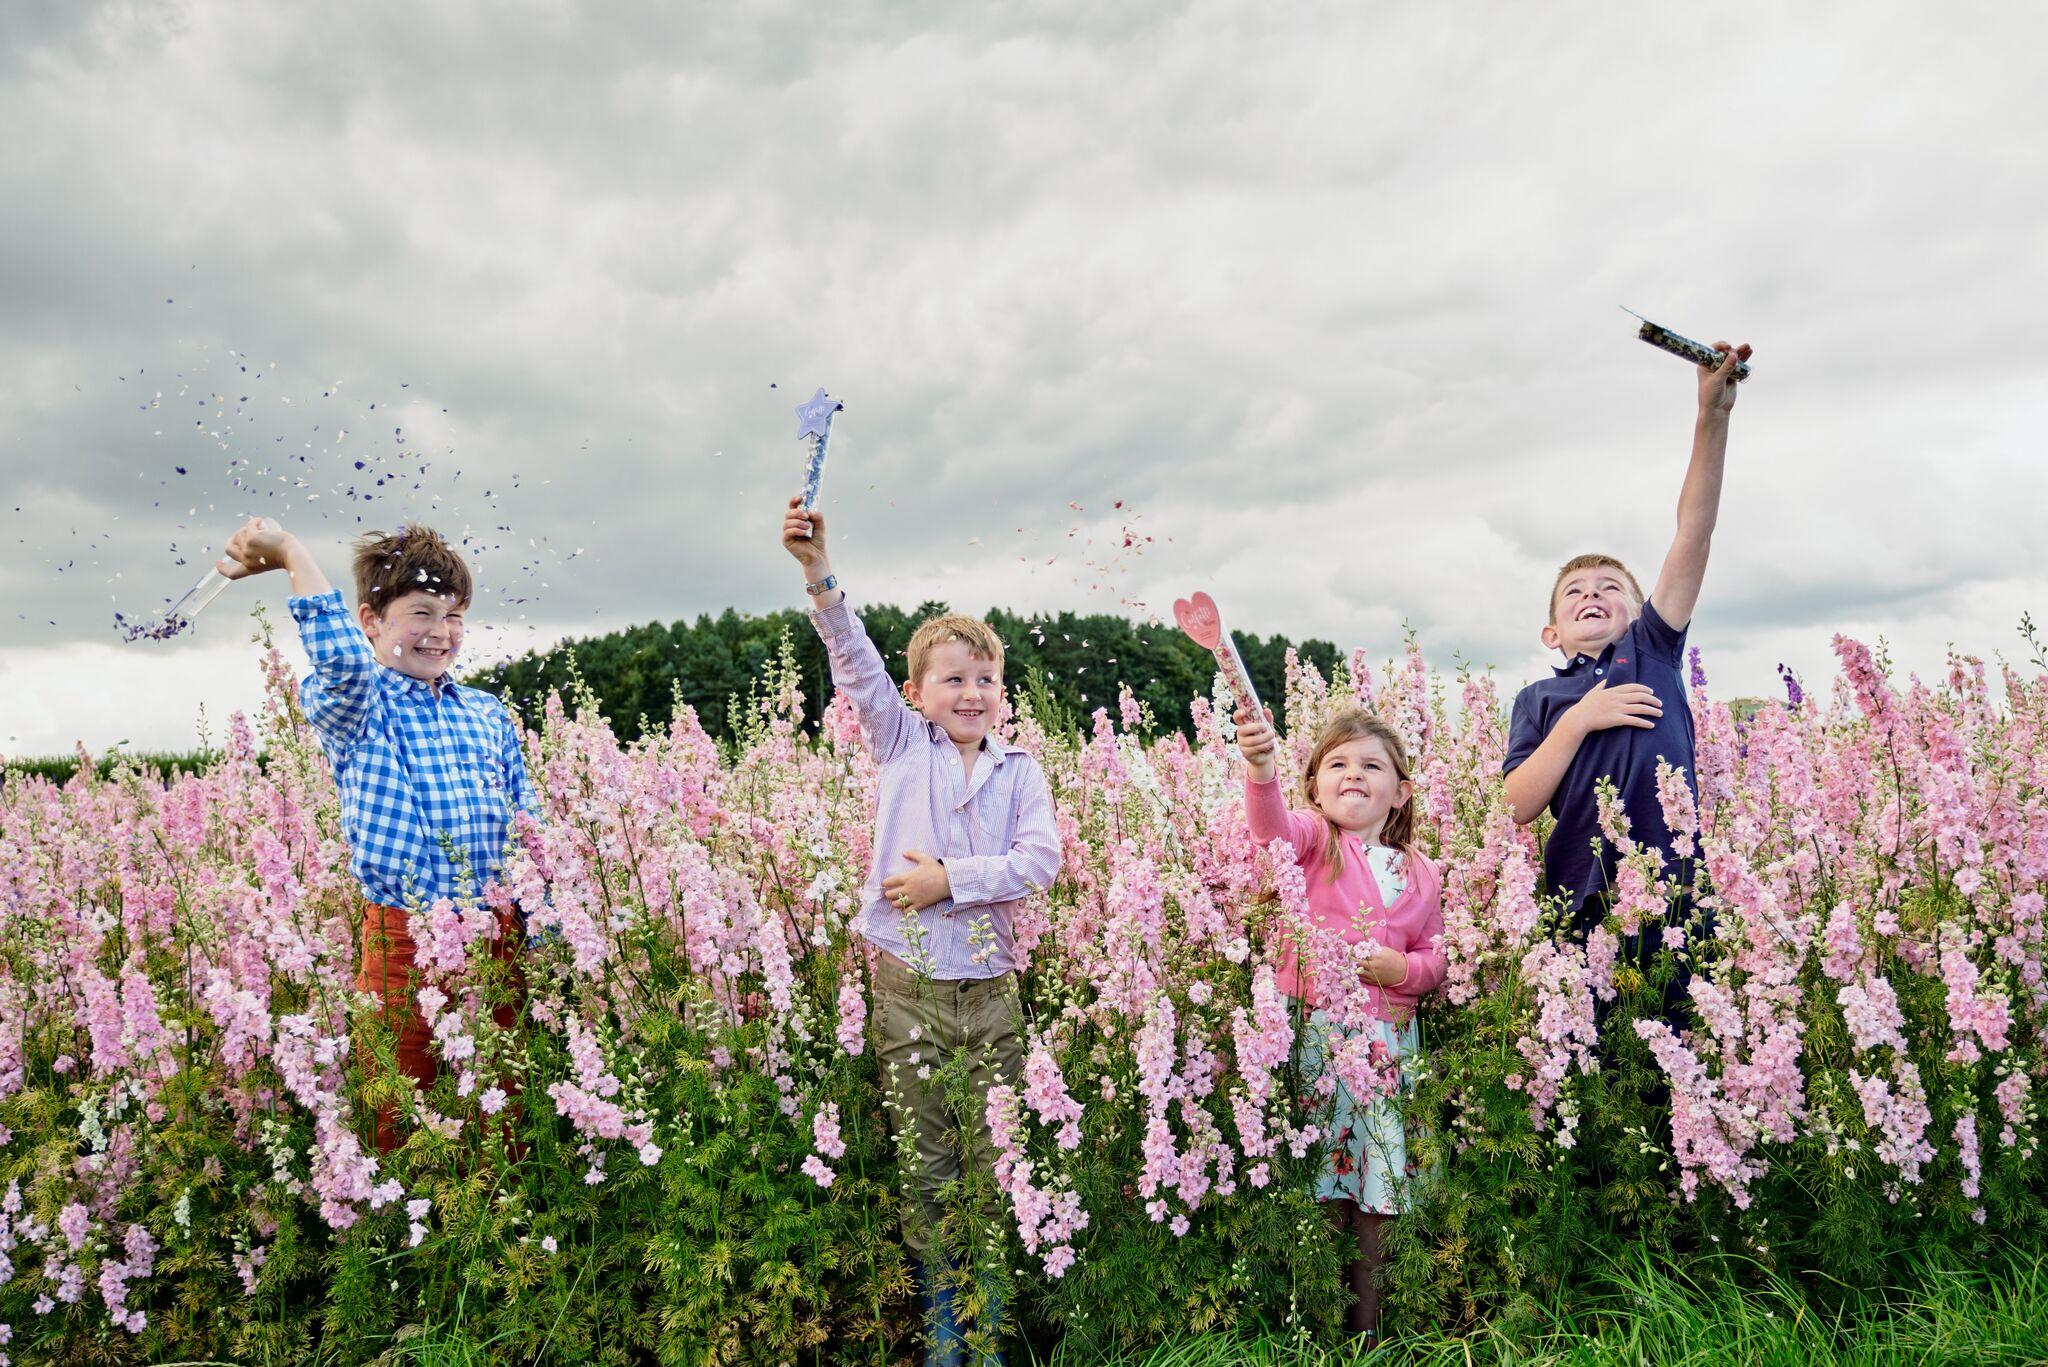 ShropshirePetals.com Mixed Confetti Wands £9.75 pack of 3 (6)